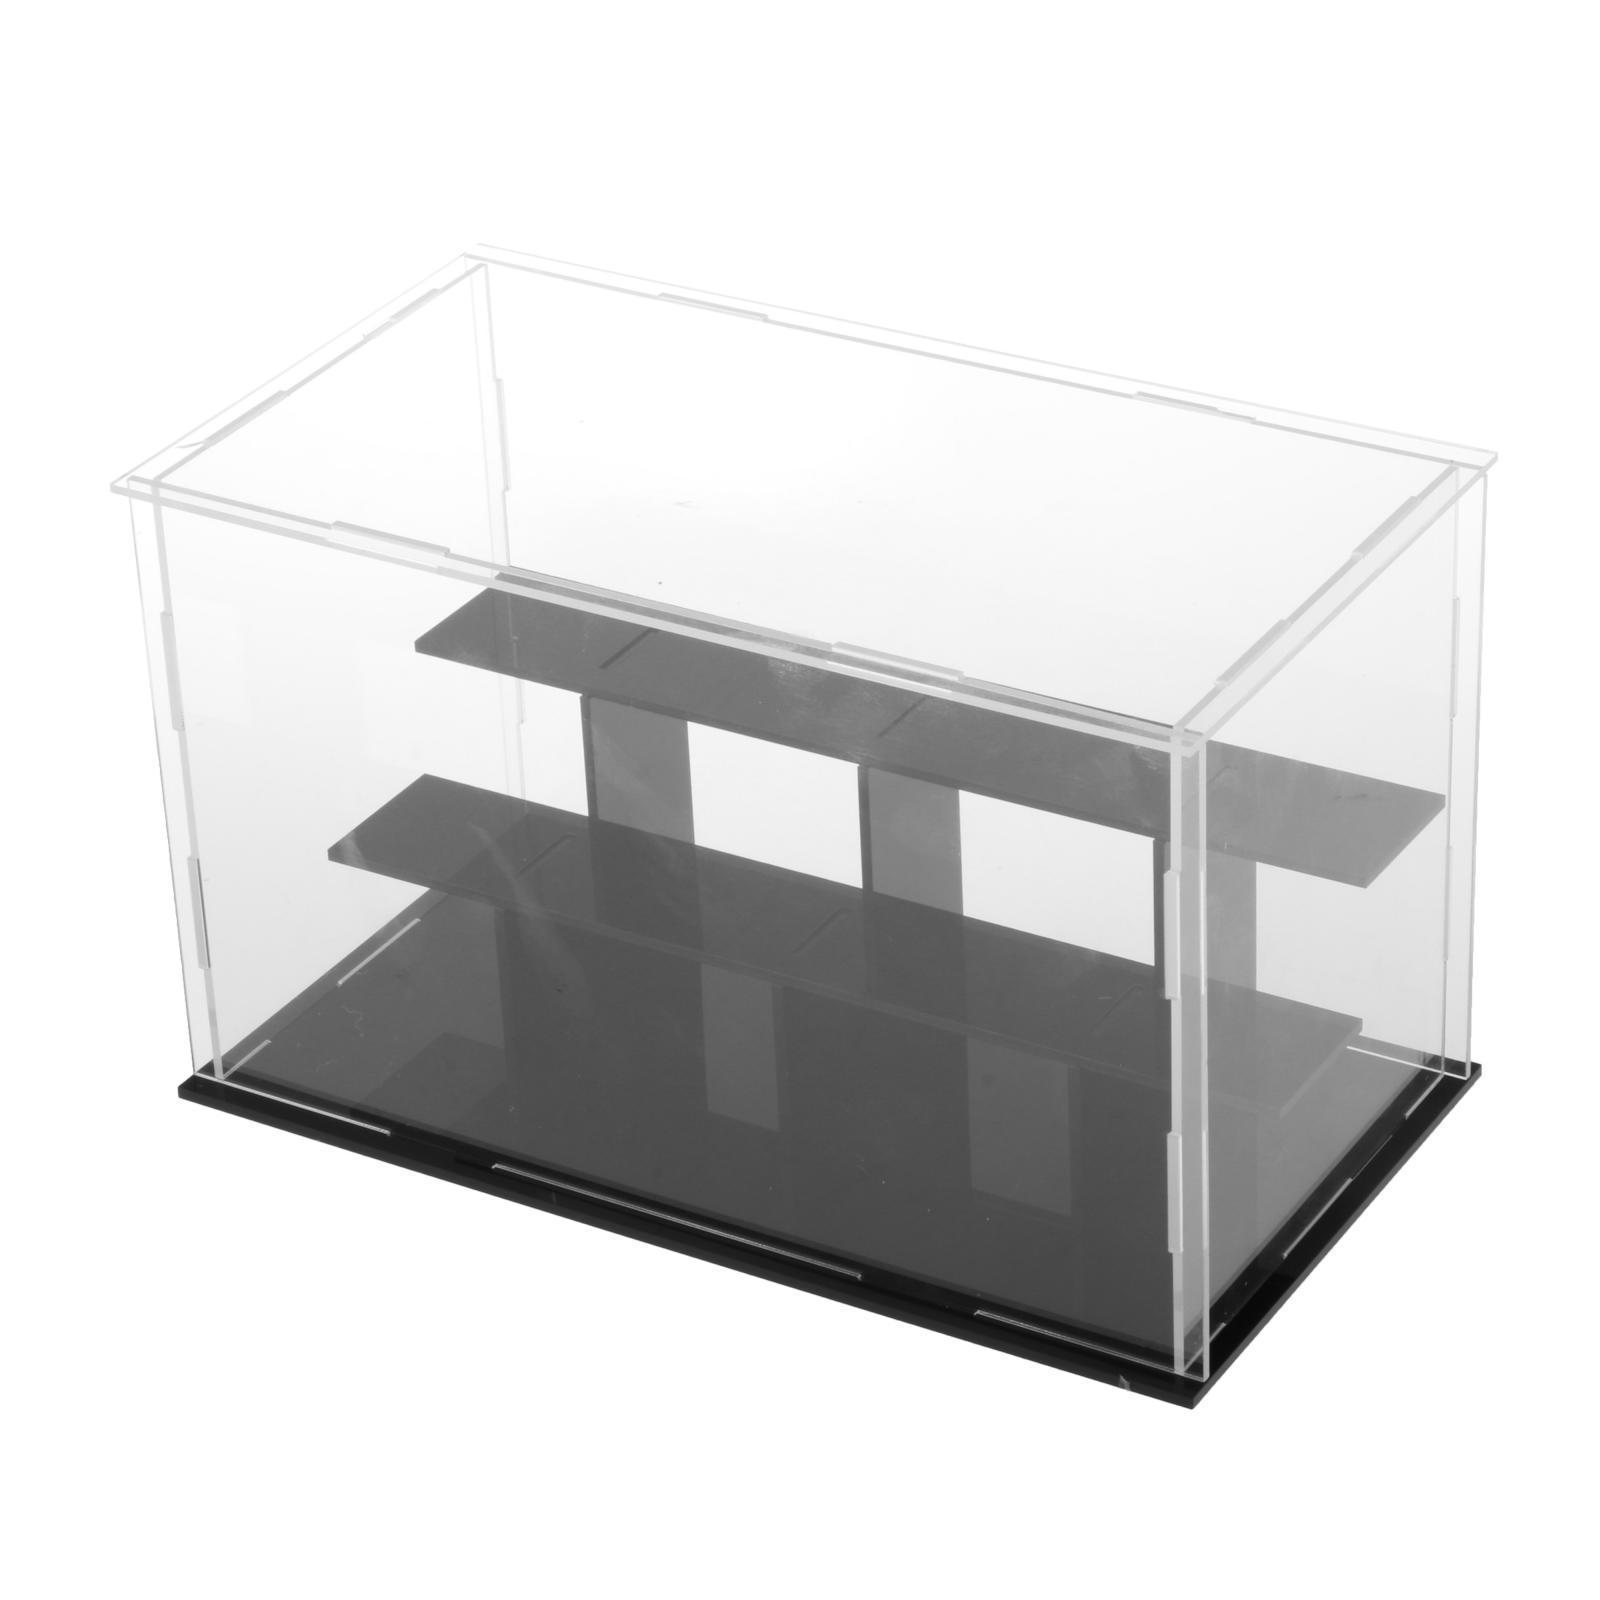 7x7x7cm Figuren HomeDecTime Acryl Einzelvitrine Vitrine Schaukasten Display Case Schutzbox f/ür Auto//Spielzeug Modell